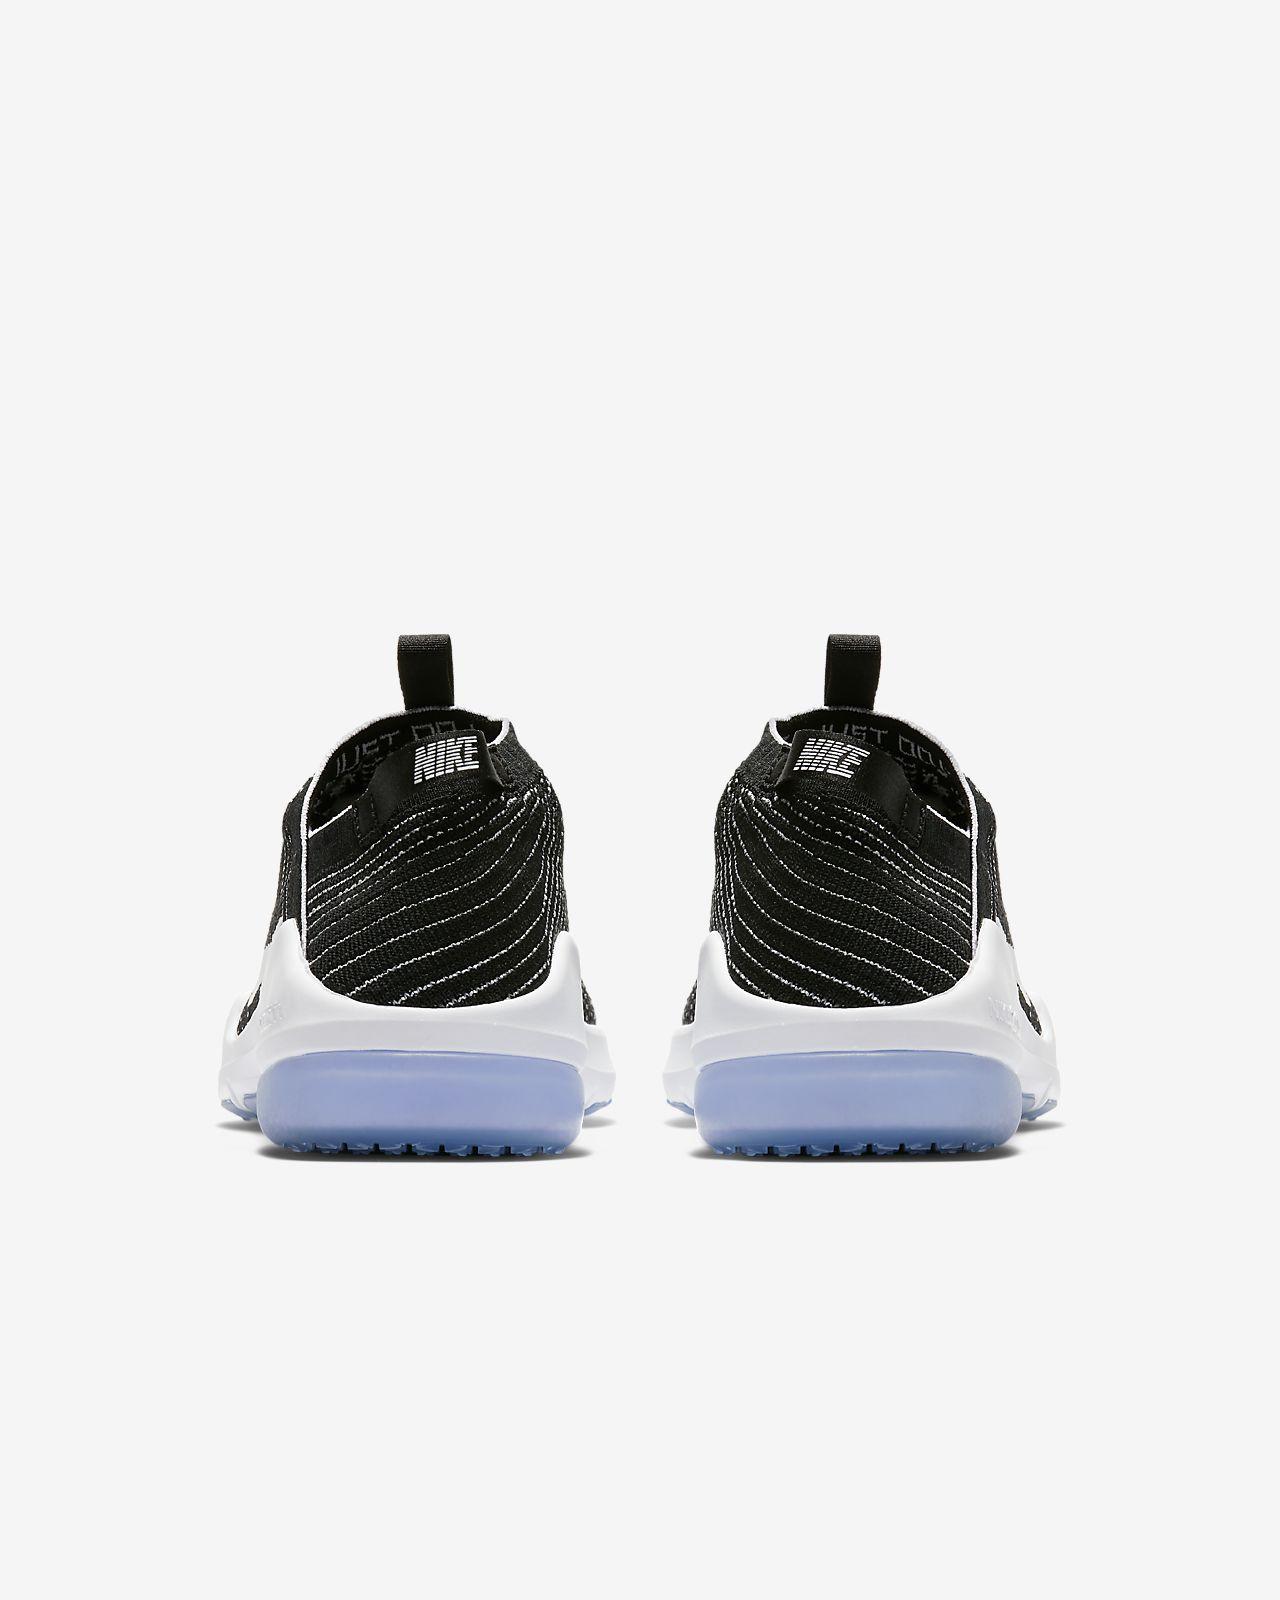 EntrenamientoBoxeo Zoom Fearless Para Y Gimnasio 2 Flyknit El De Mujer Air Nike Zapatillas OPk0nw